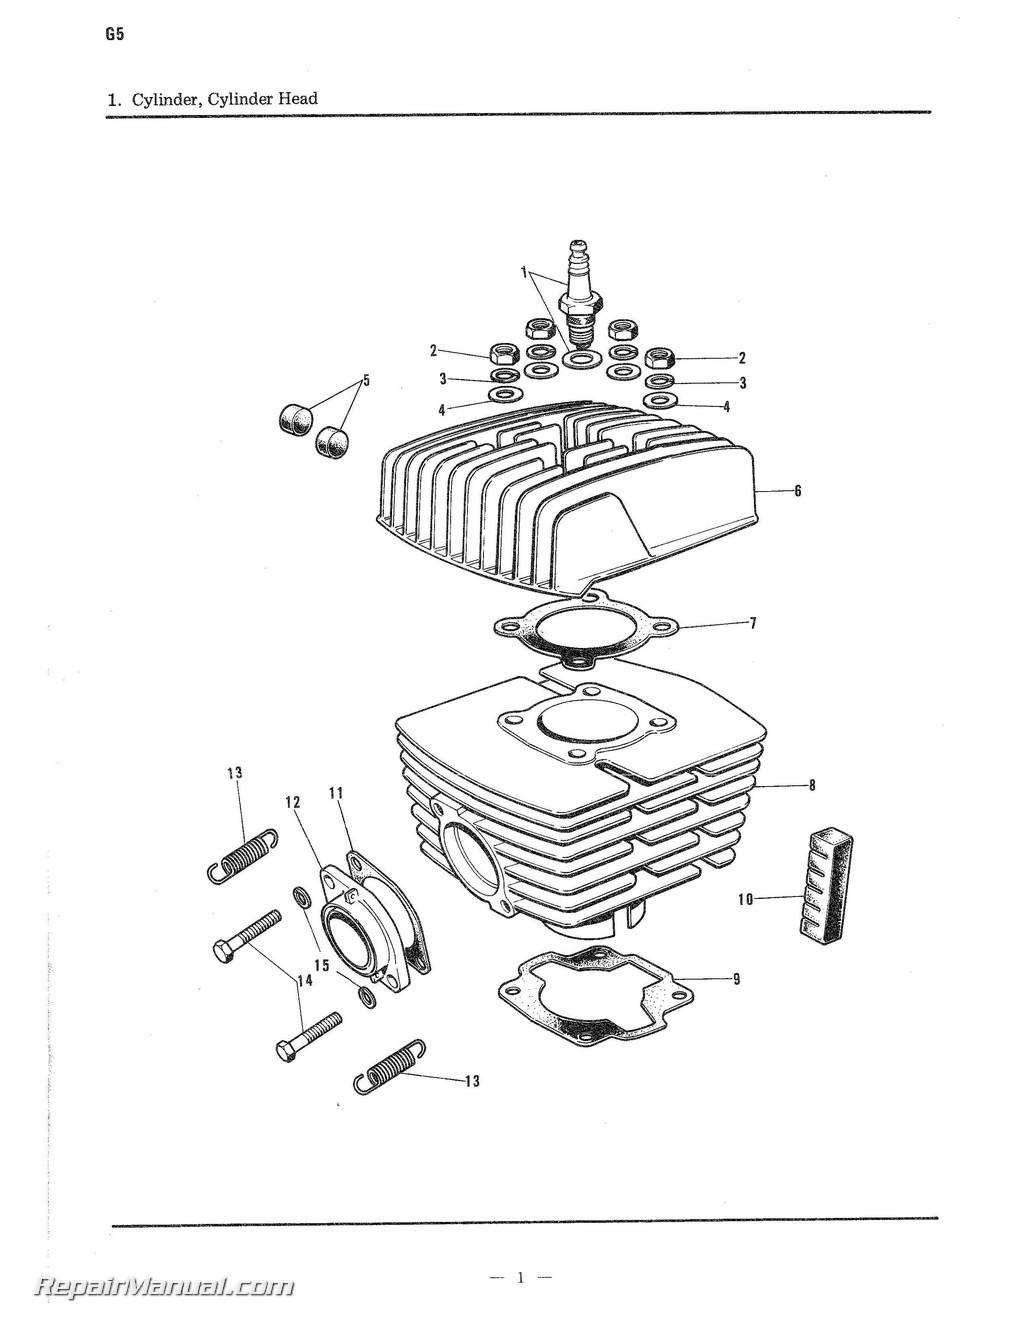 1971 1972 Kawasaki G5 100cc Parts Manual